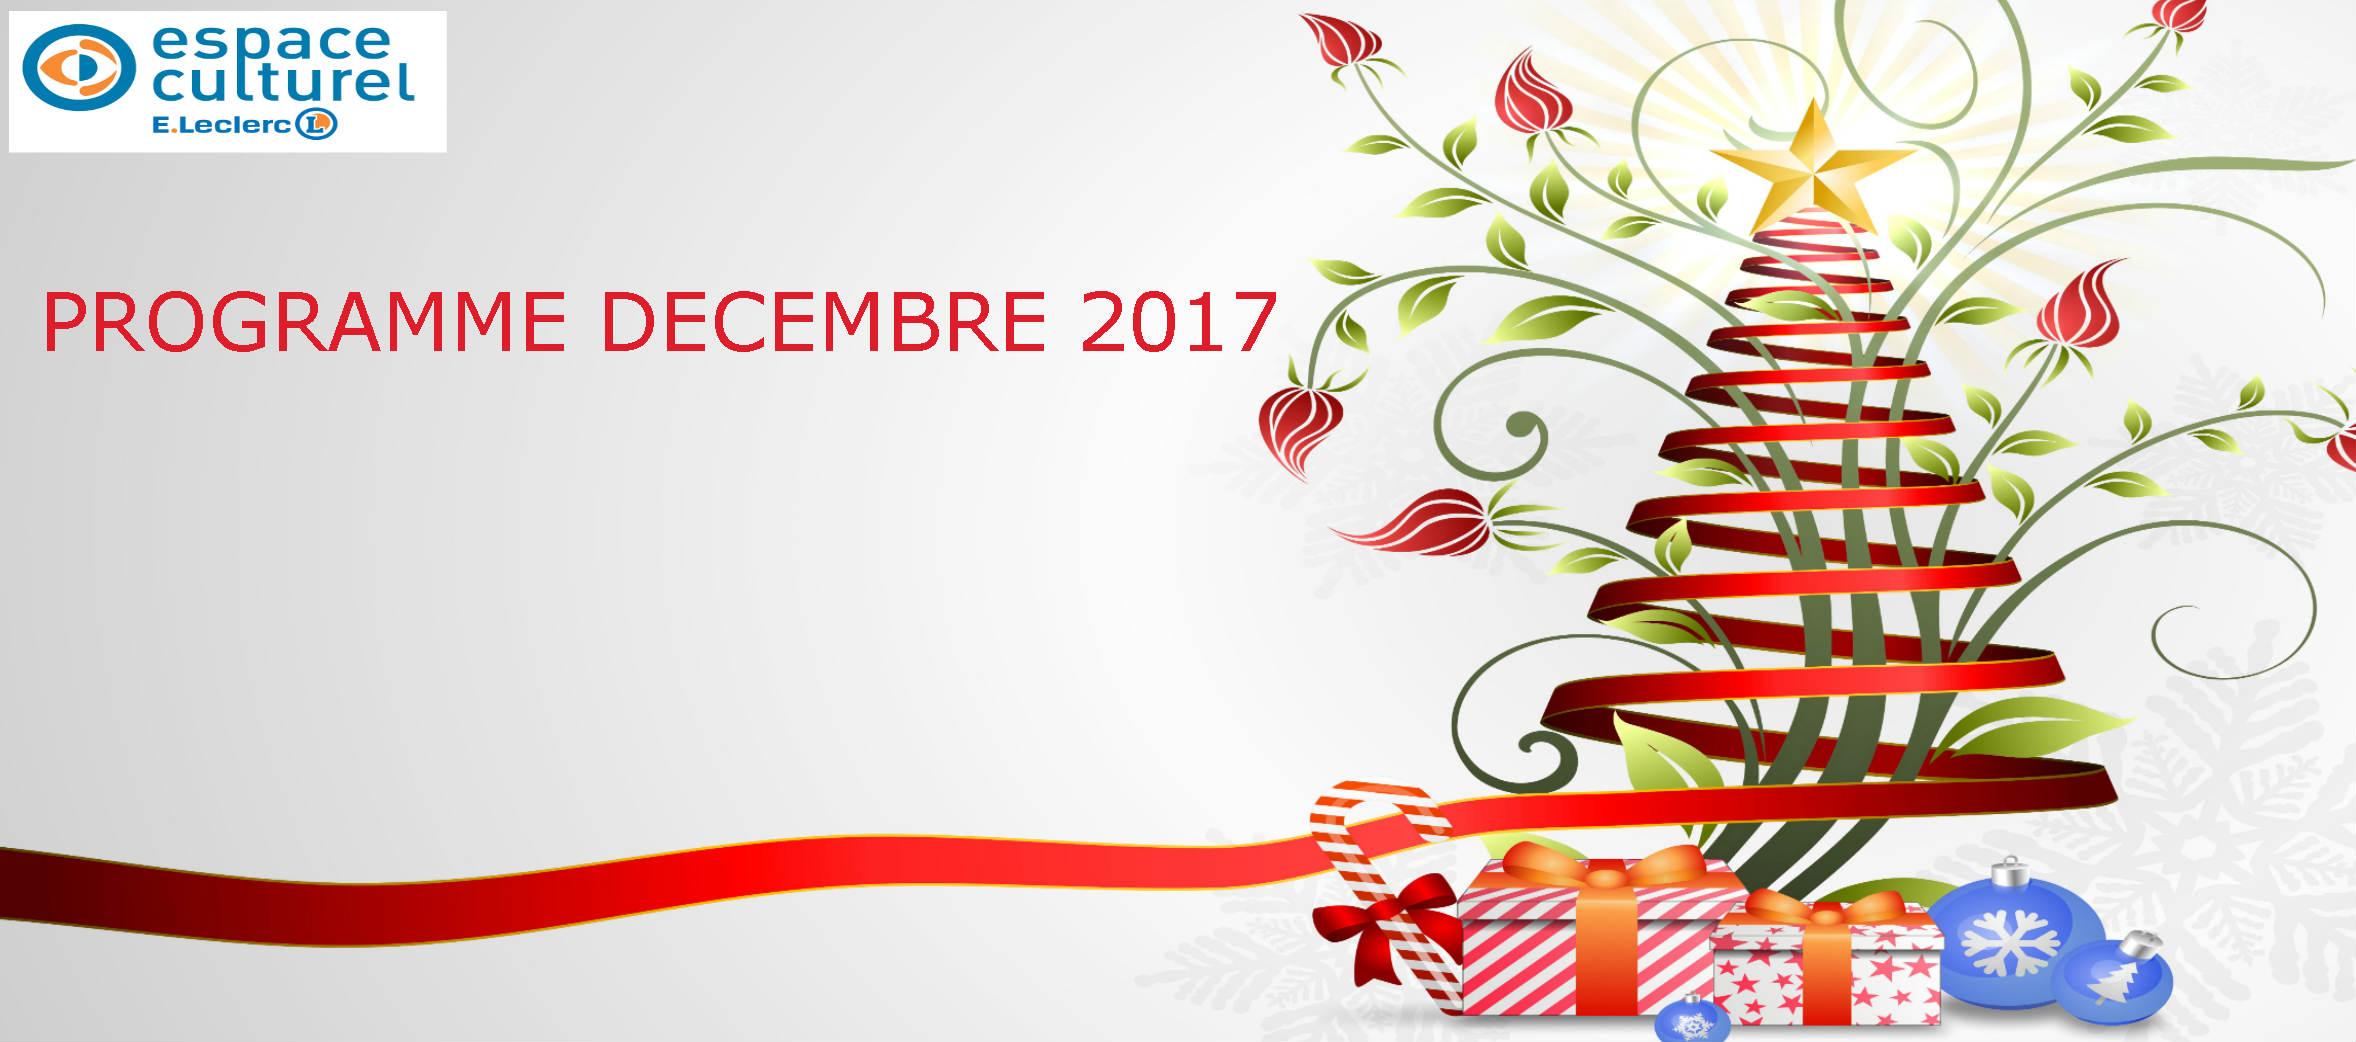 Programme+decembre+2017